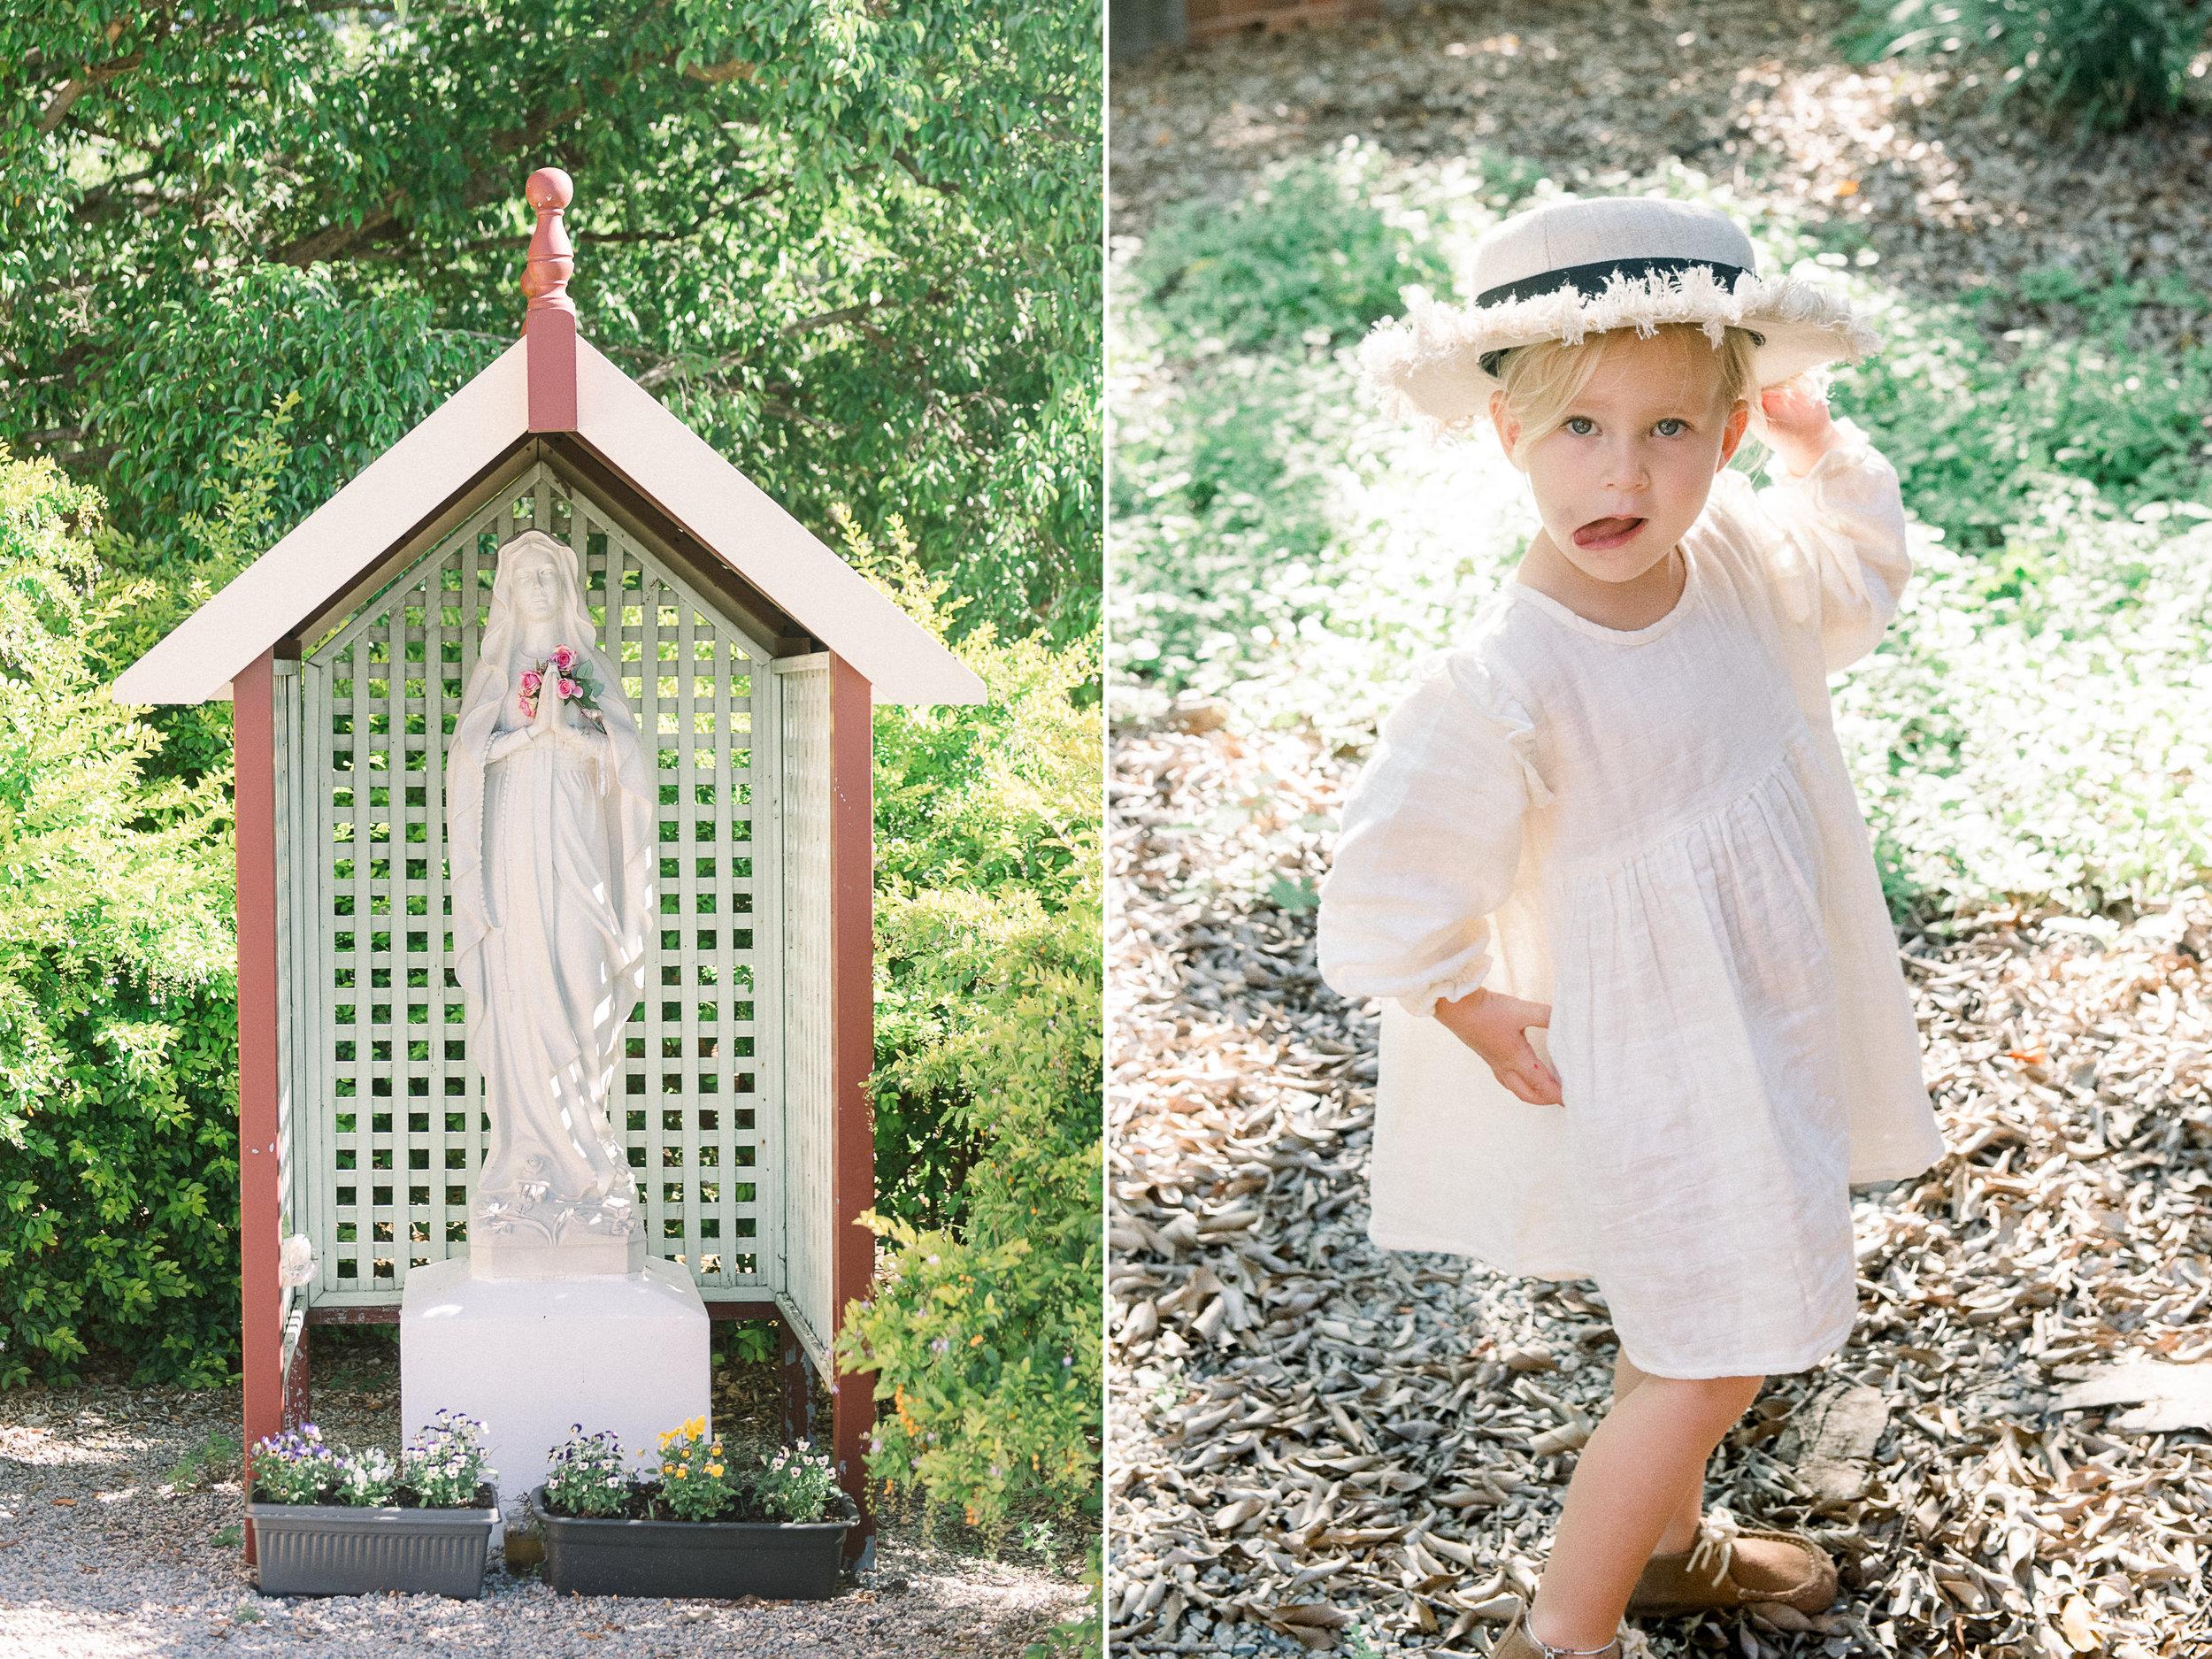 brisbane-city-wedding-photography-church-wedding-1.jpg